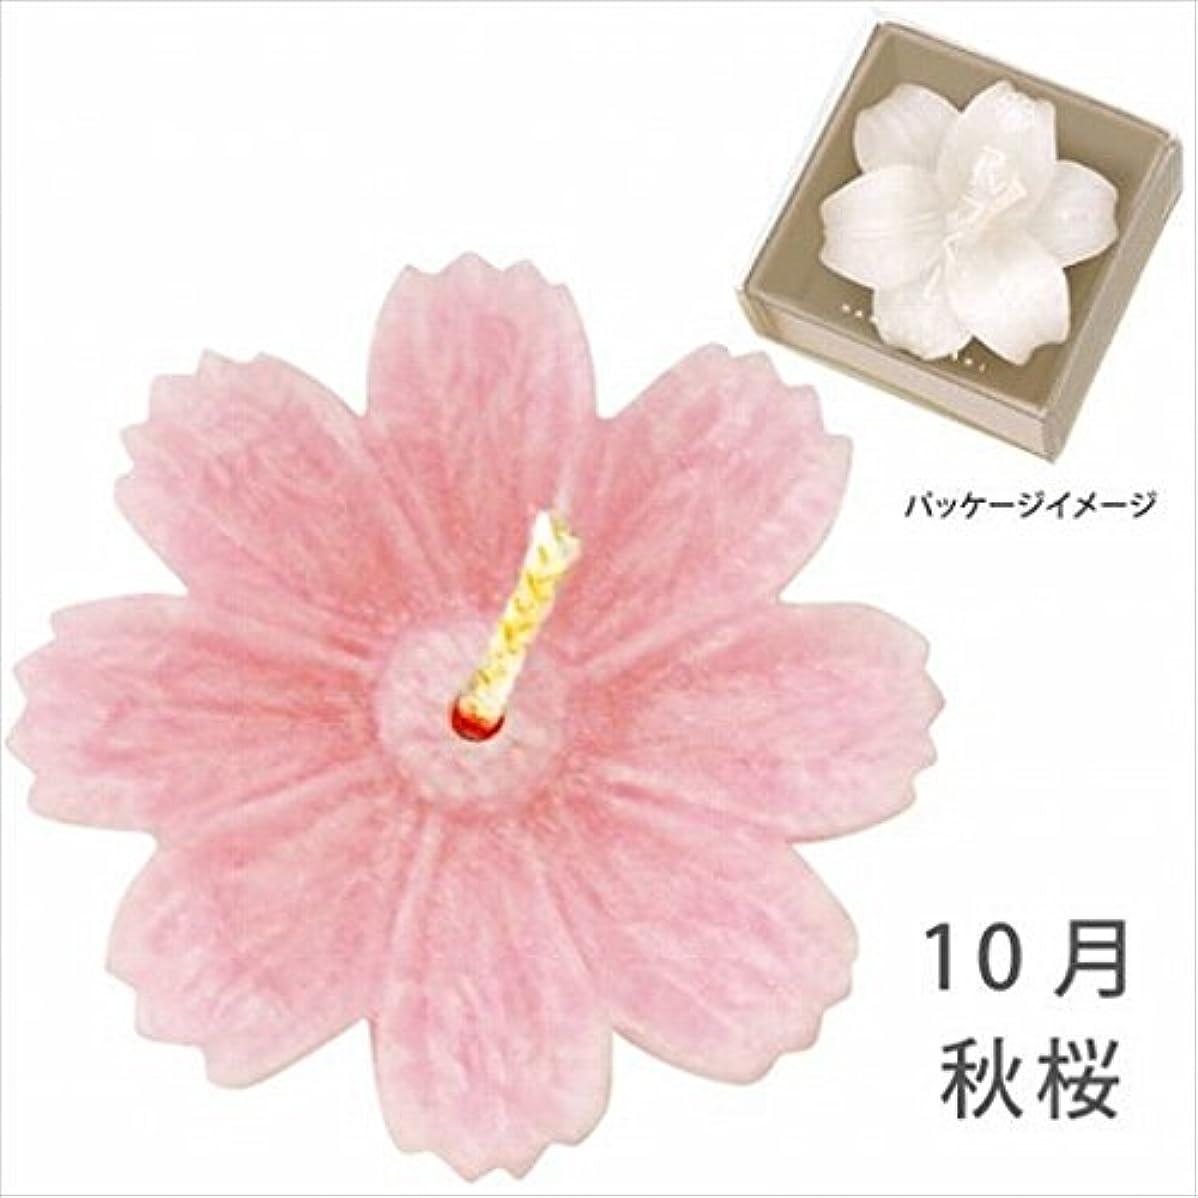 うねる気分が悪い未払いカメヤマキャンドル(kameyama candle) 花づくし(植物性) 秋桜 「 秋桜(10月) 」 キャンドル